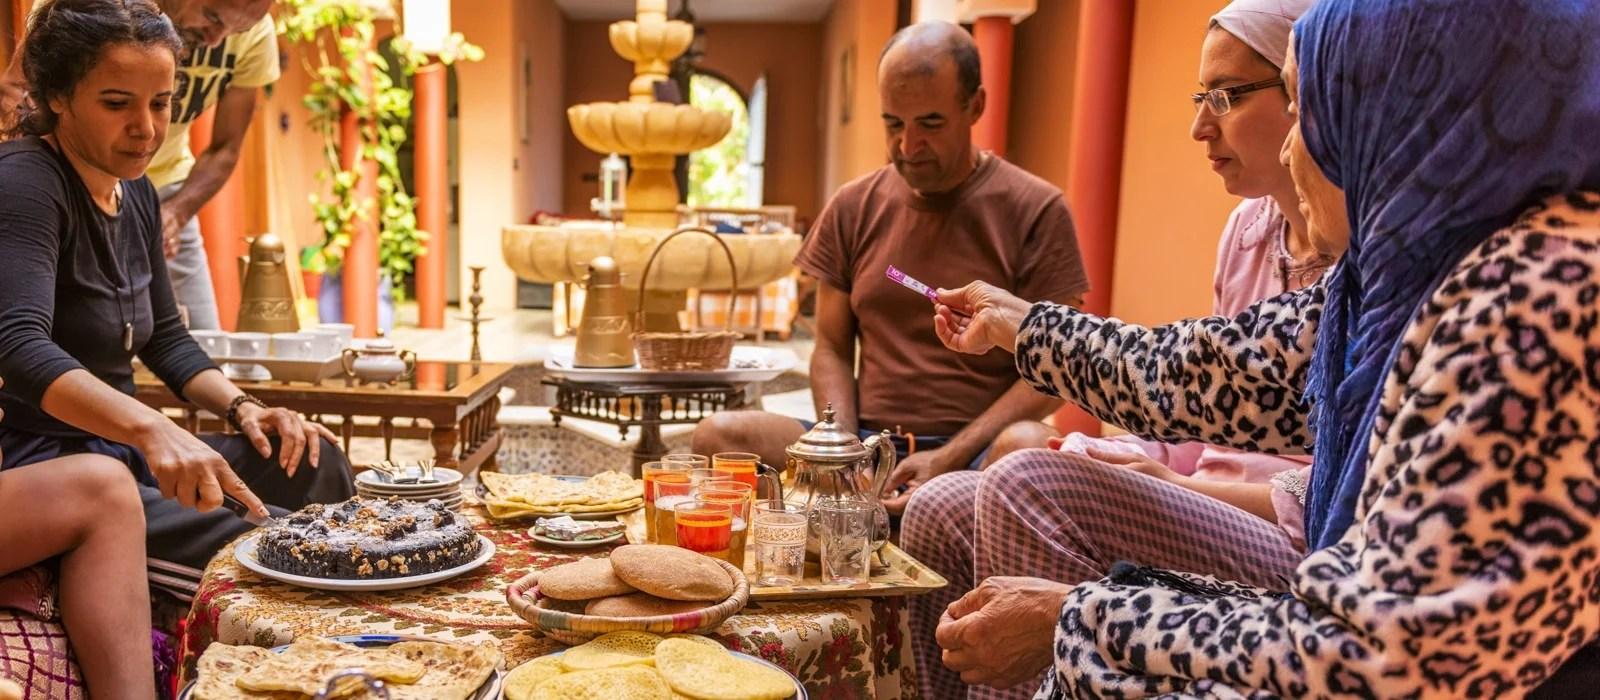 Famille de Karim au Riad de Oualidia au Maroc - Les Routes du Monde